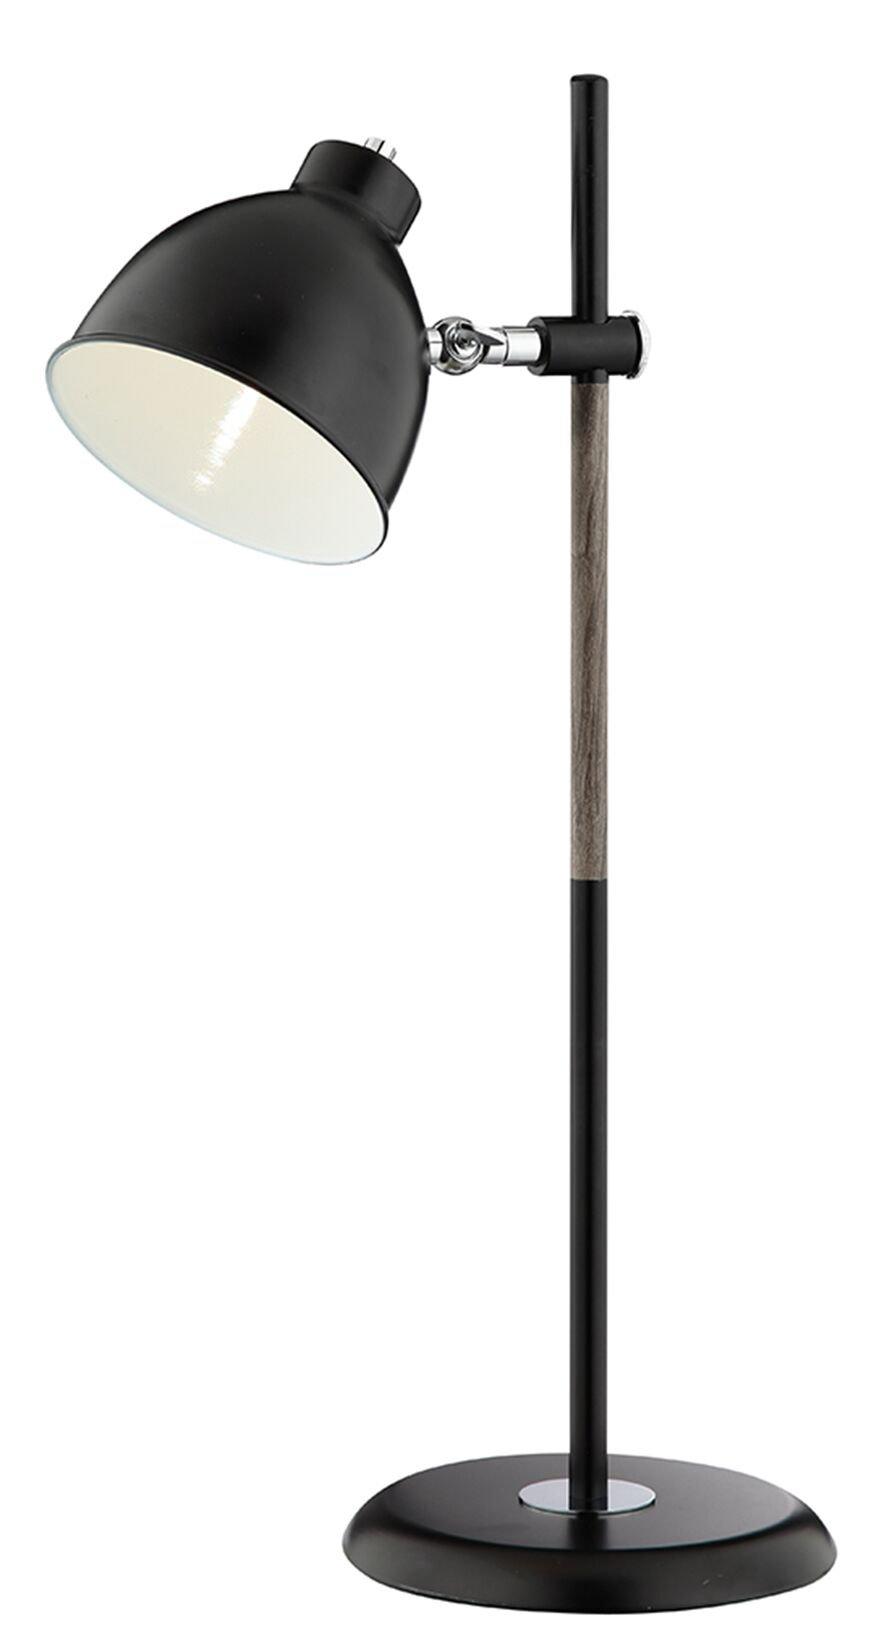 LAMPE DE TABLE CN 4263